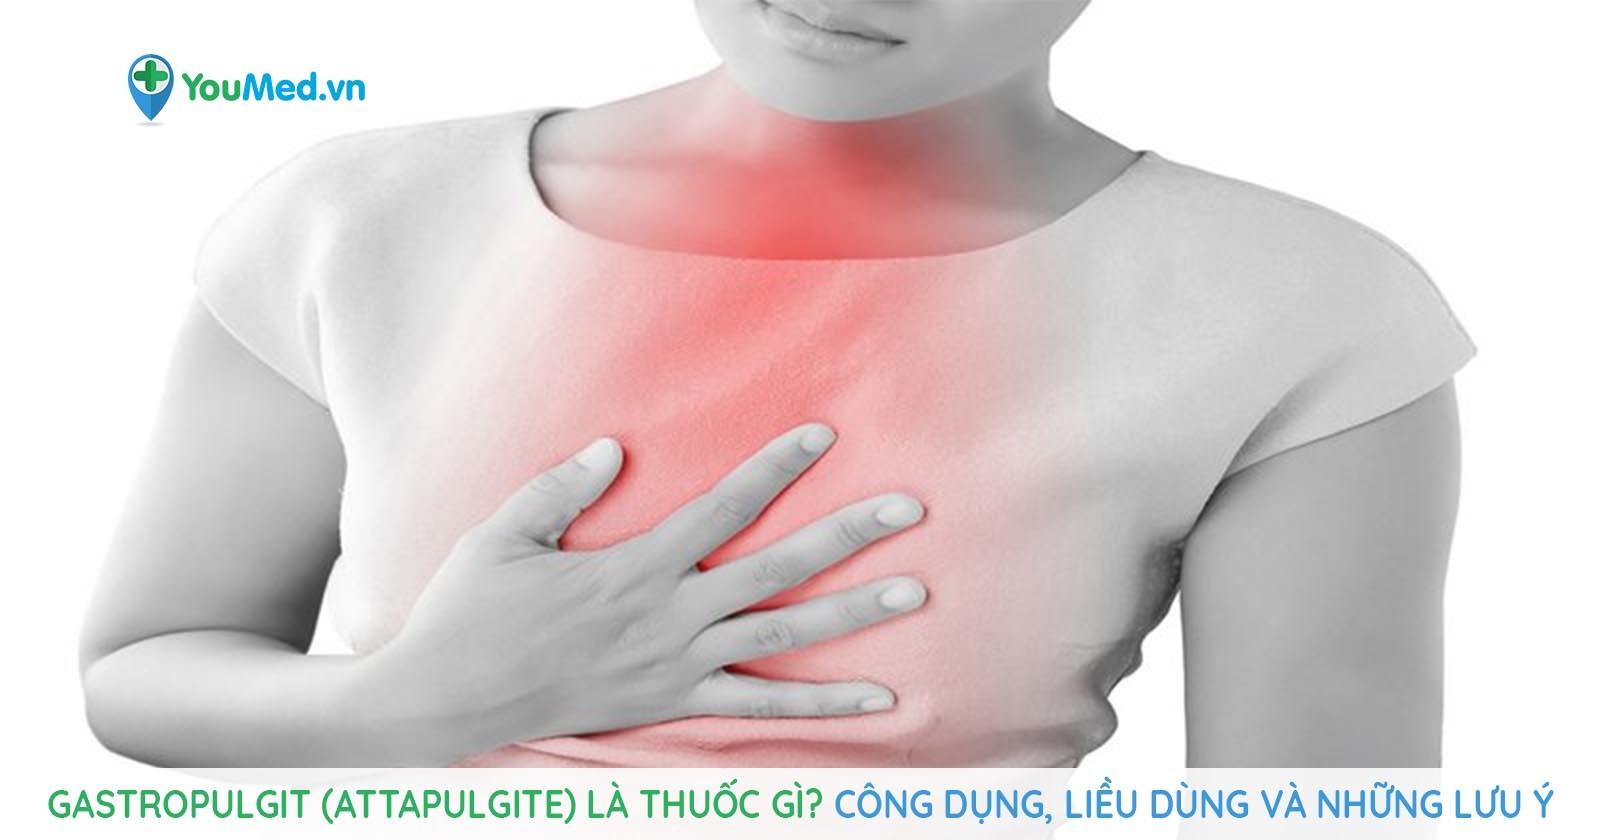 Gastropulgit (attapulgite) là thuốc gì? Công dụng, liều dùng và những lưu ý